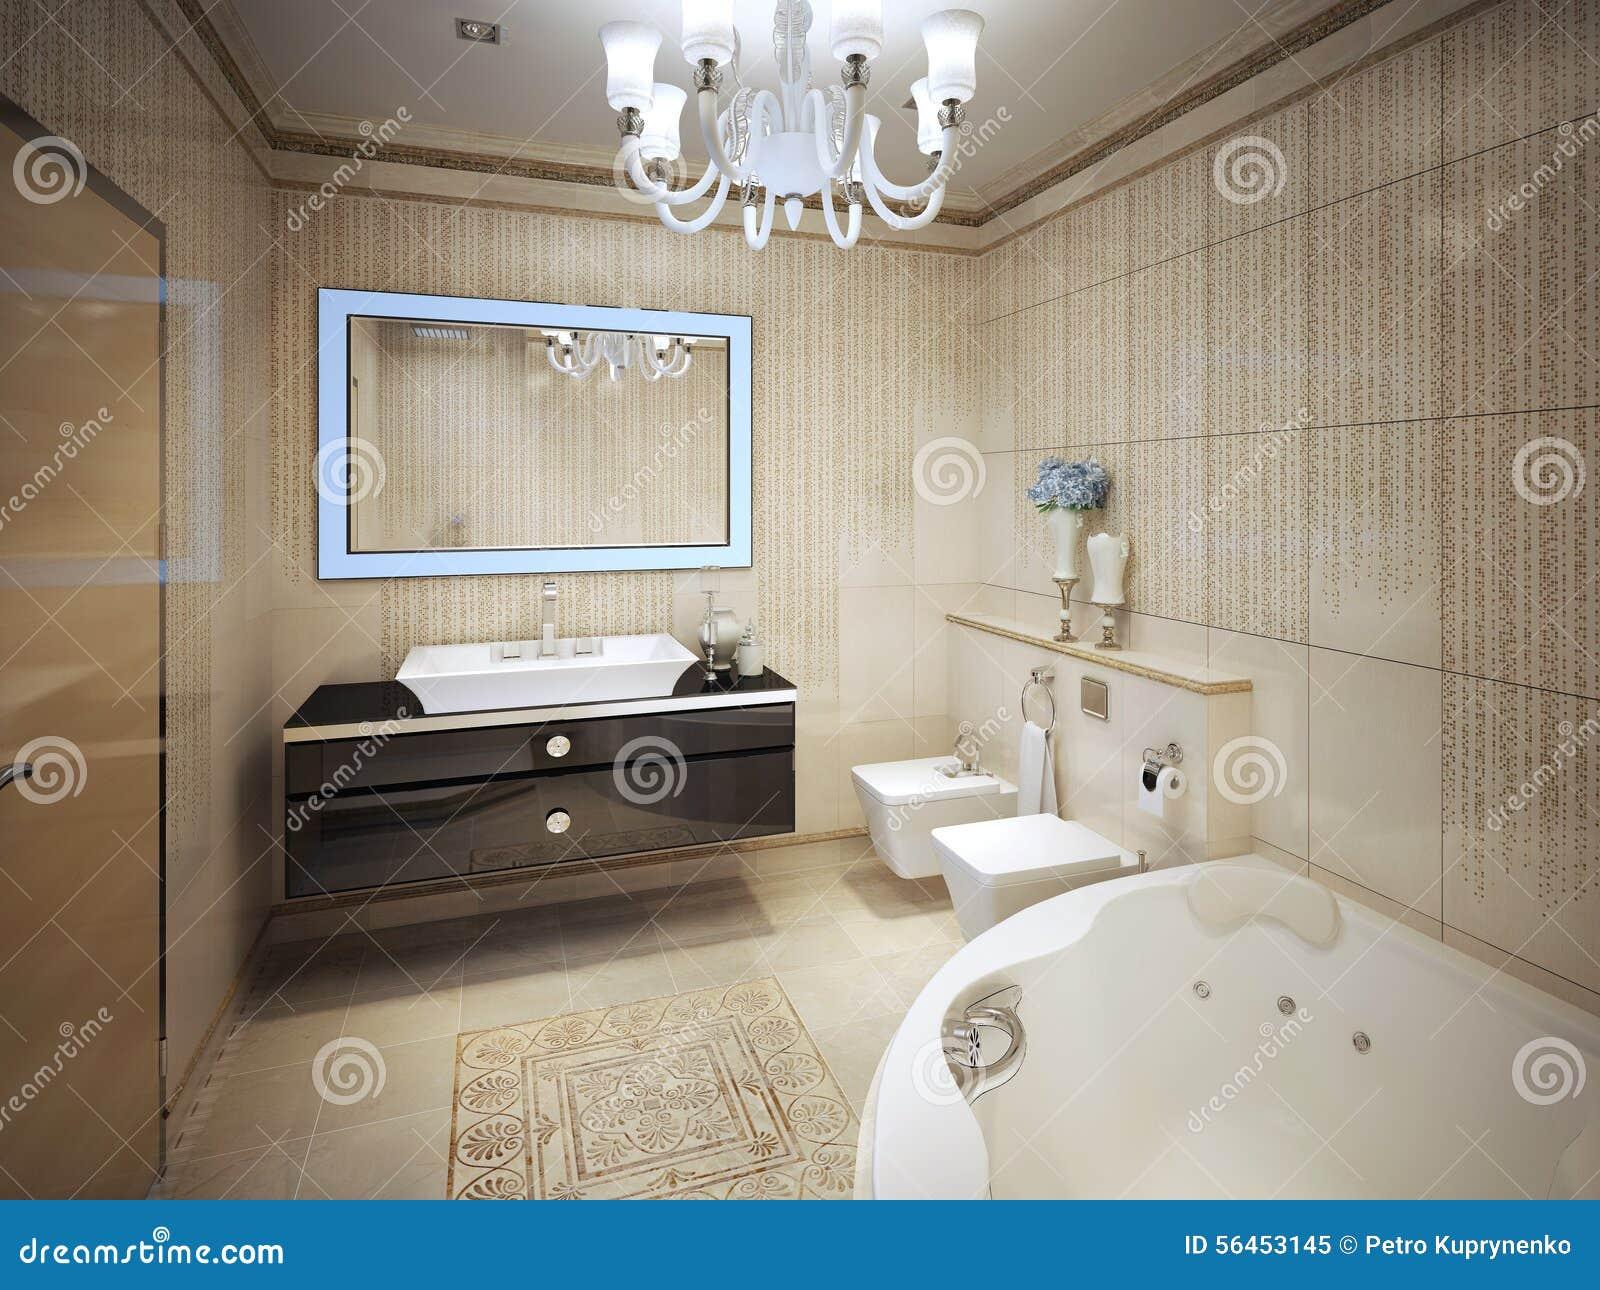 Letto disegno camera quadri da - Bagno classico elegante ...